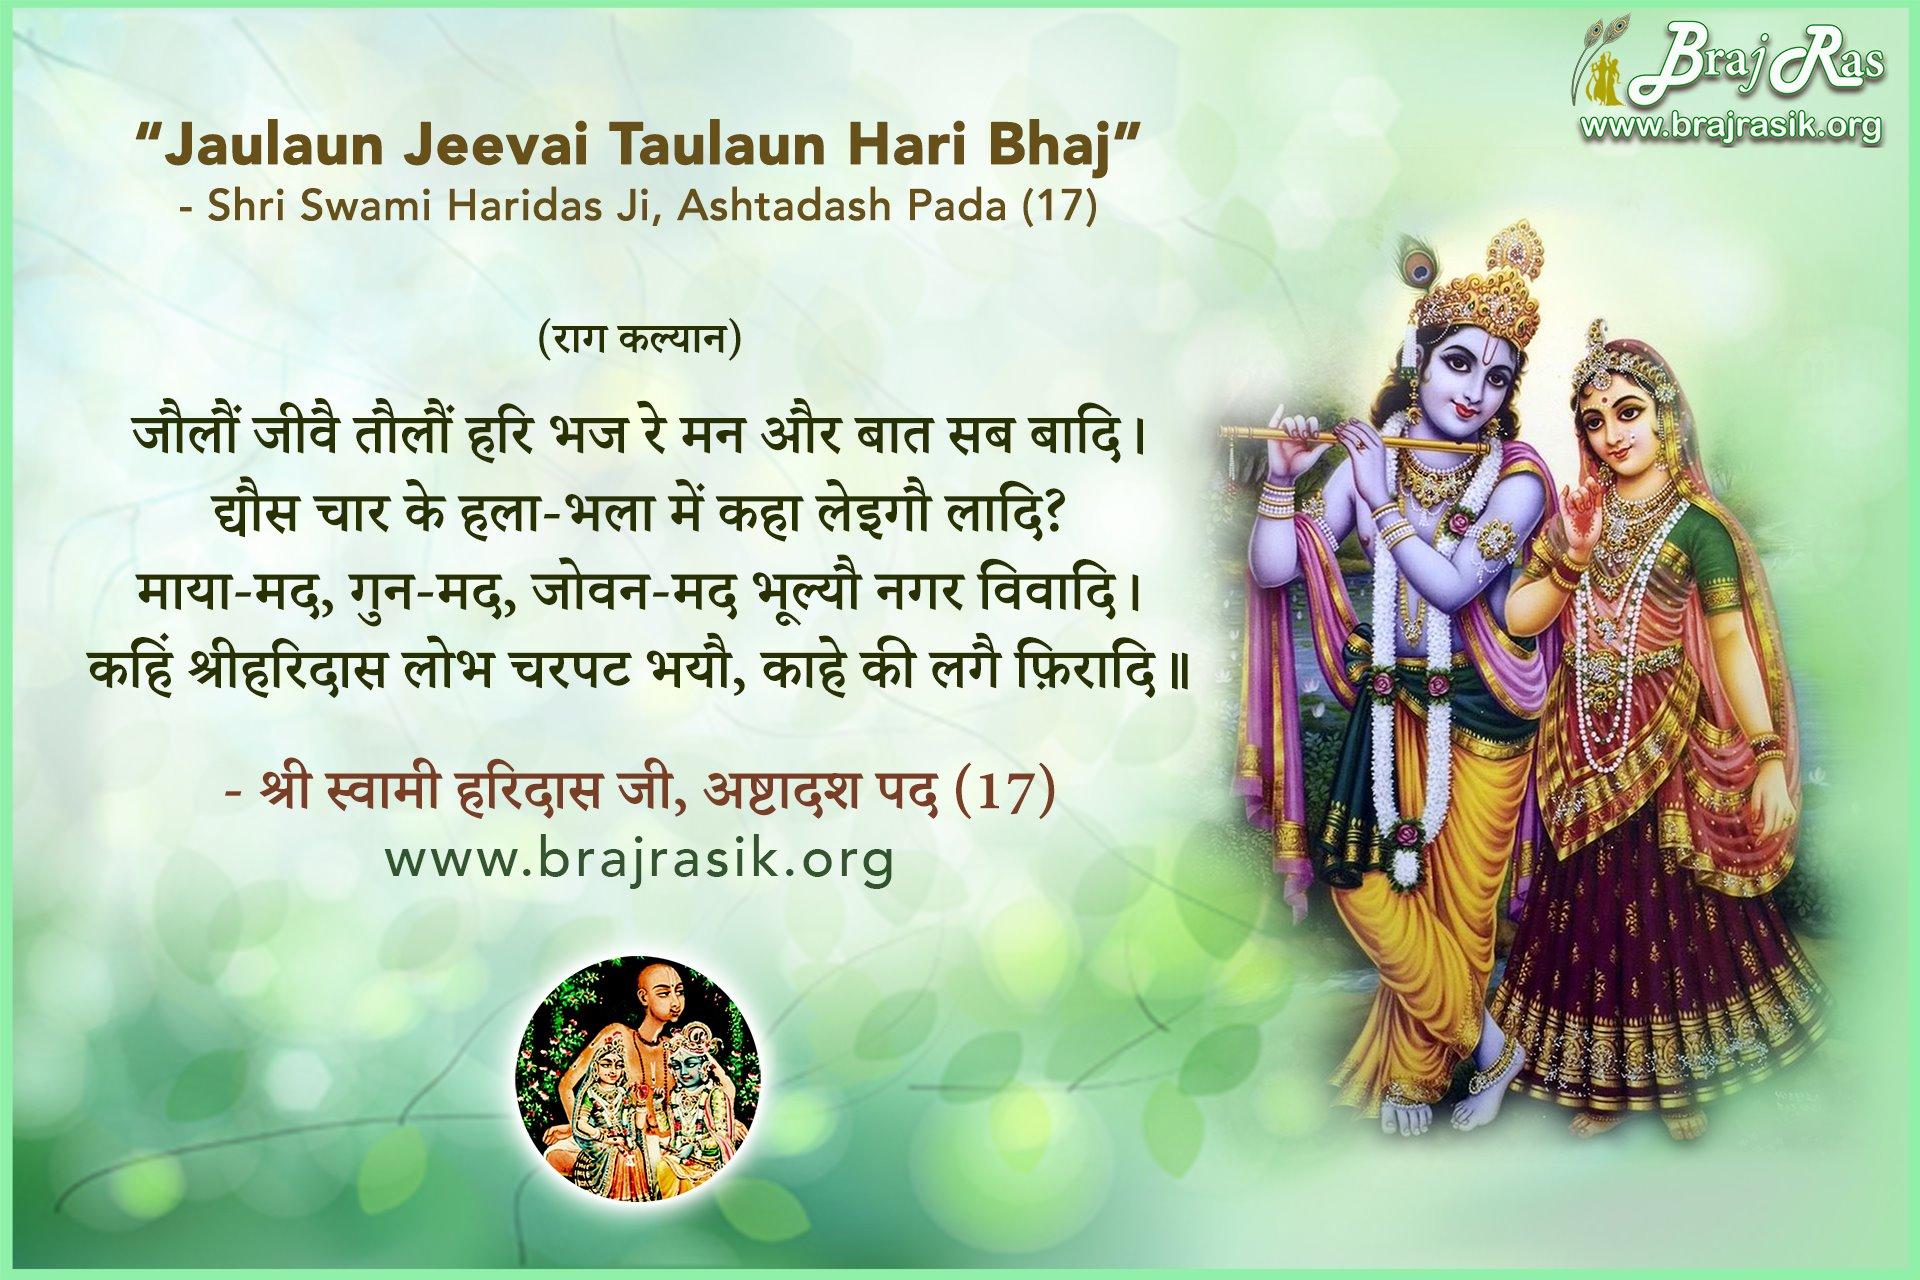 Jaulaun Jeevai Taulaun Hari Bhaj - Shri Swami Haridas Ji, Ashtadash Pada (17)